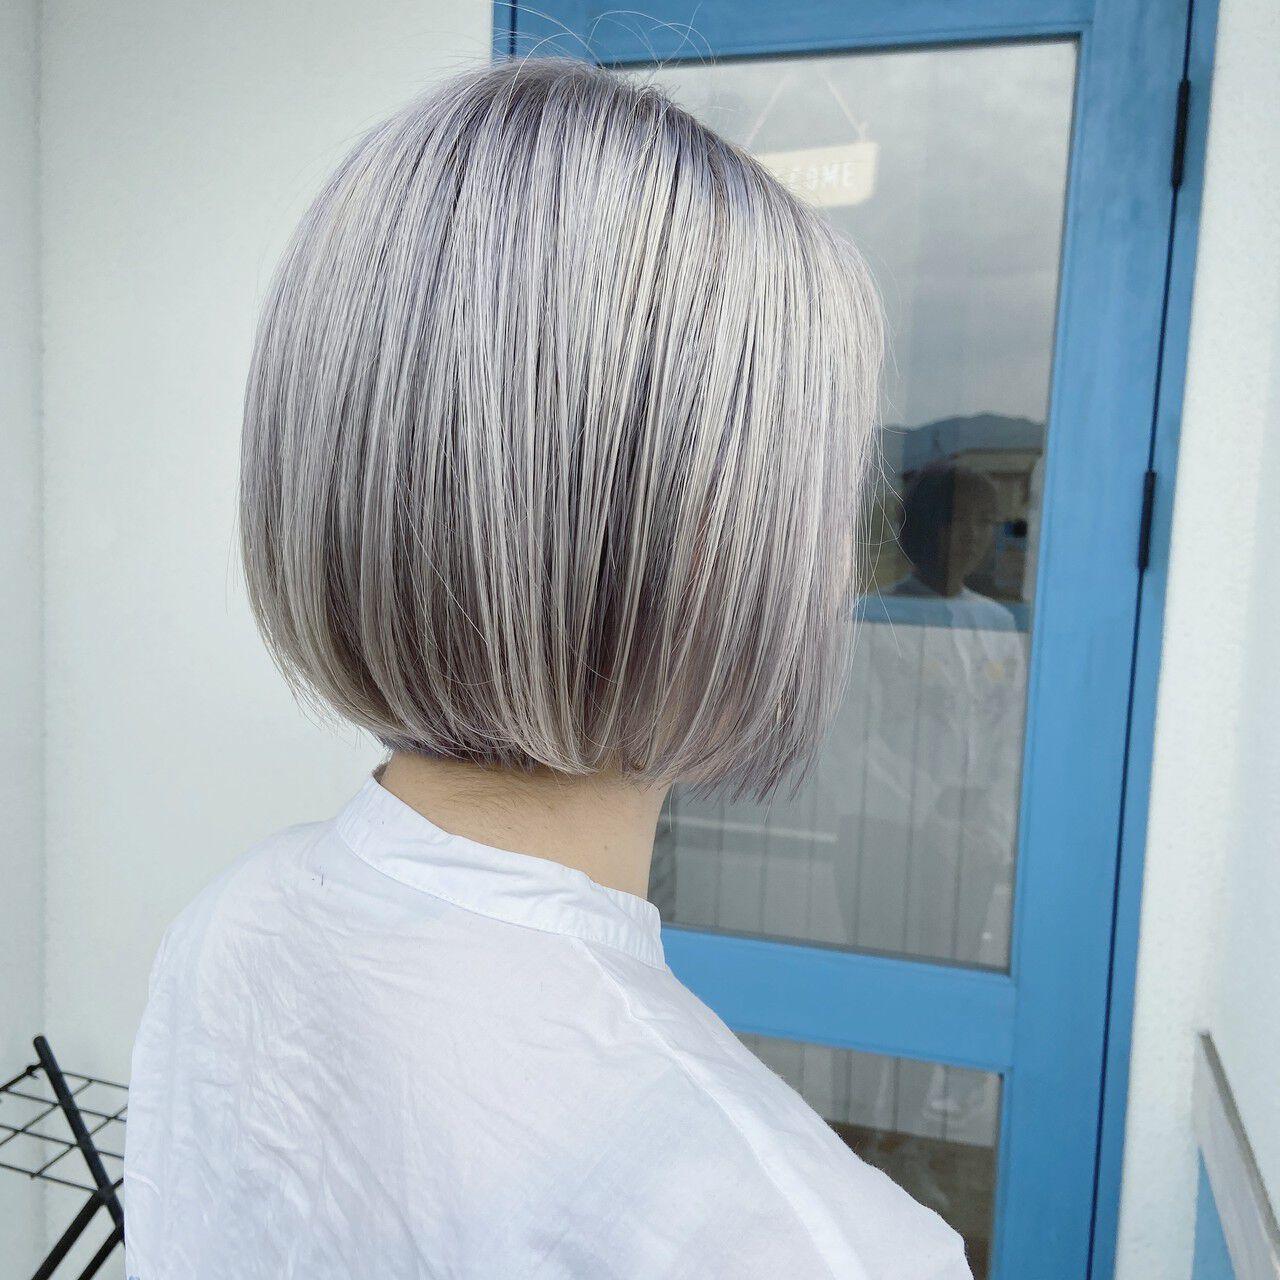 ブリーチ必須 フェミニン ホワイトカラー ホワイトブリーチヘアスタイルや髪型の写真・画像